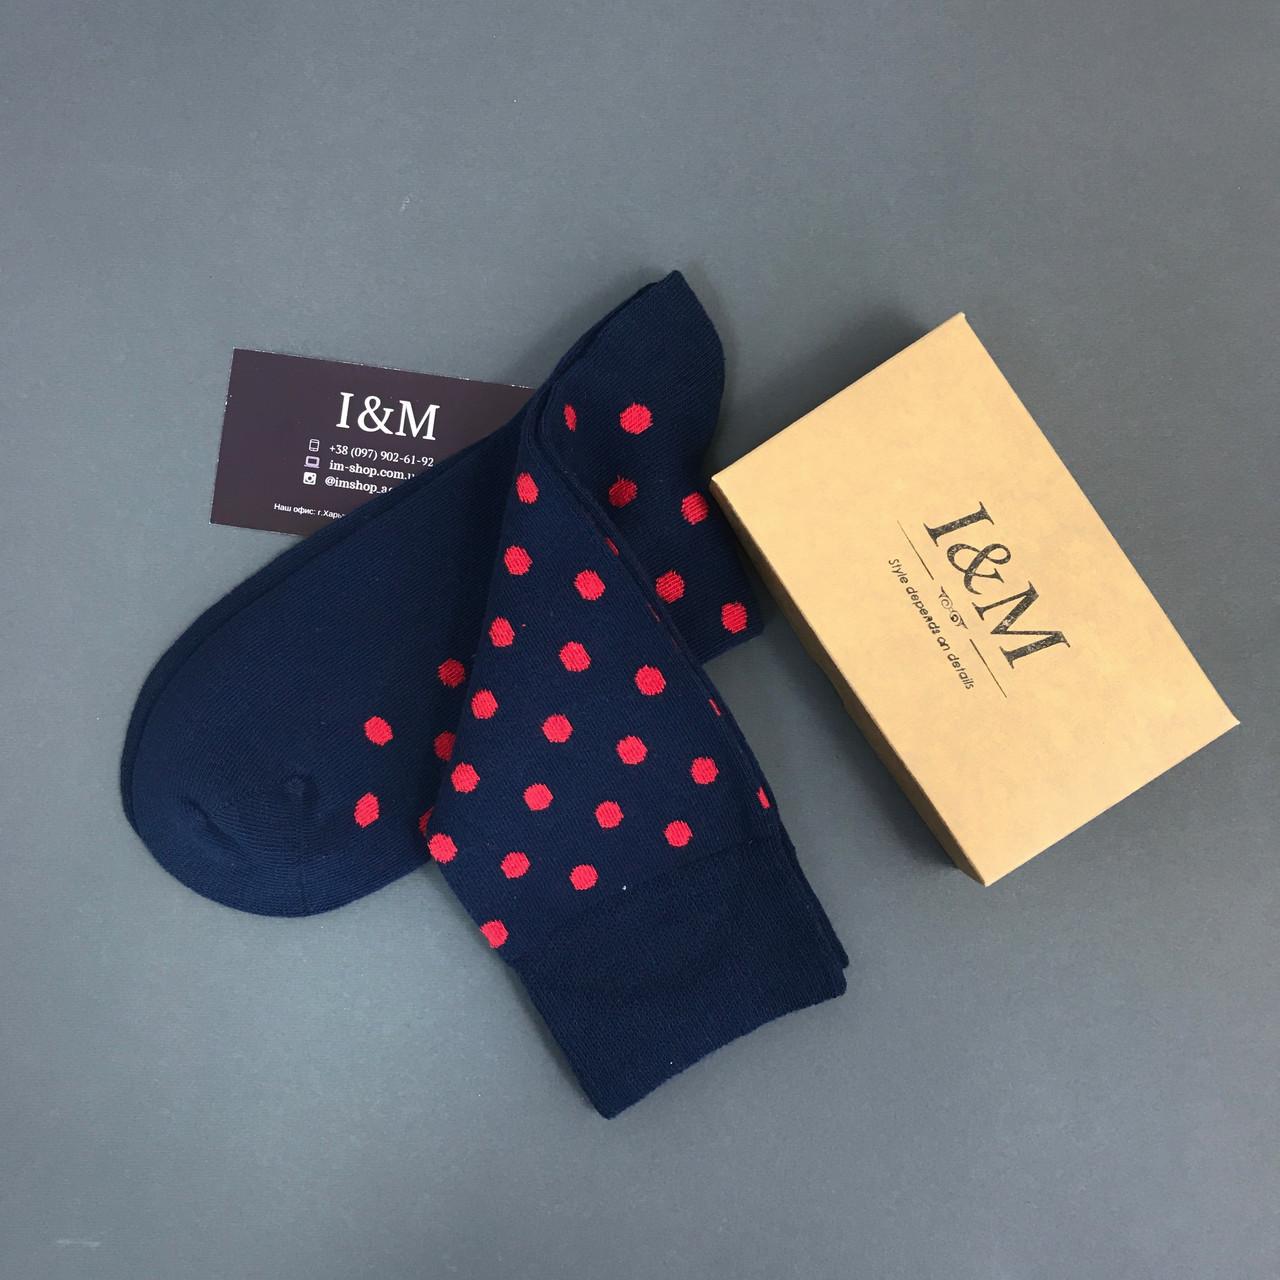 Носки I&M Craft синие в красный горох (070143)